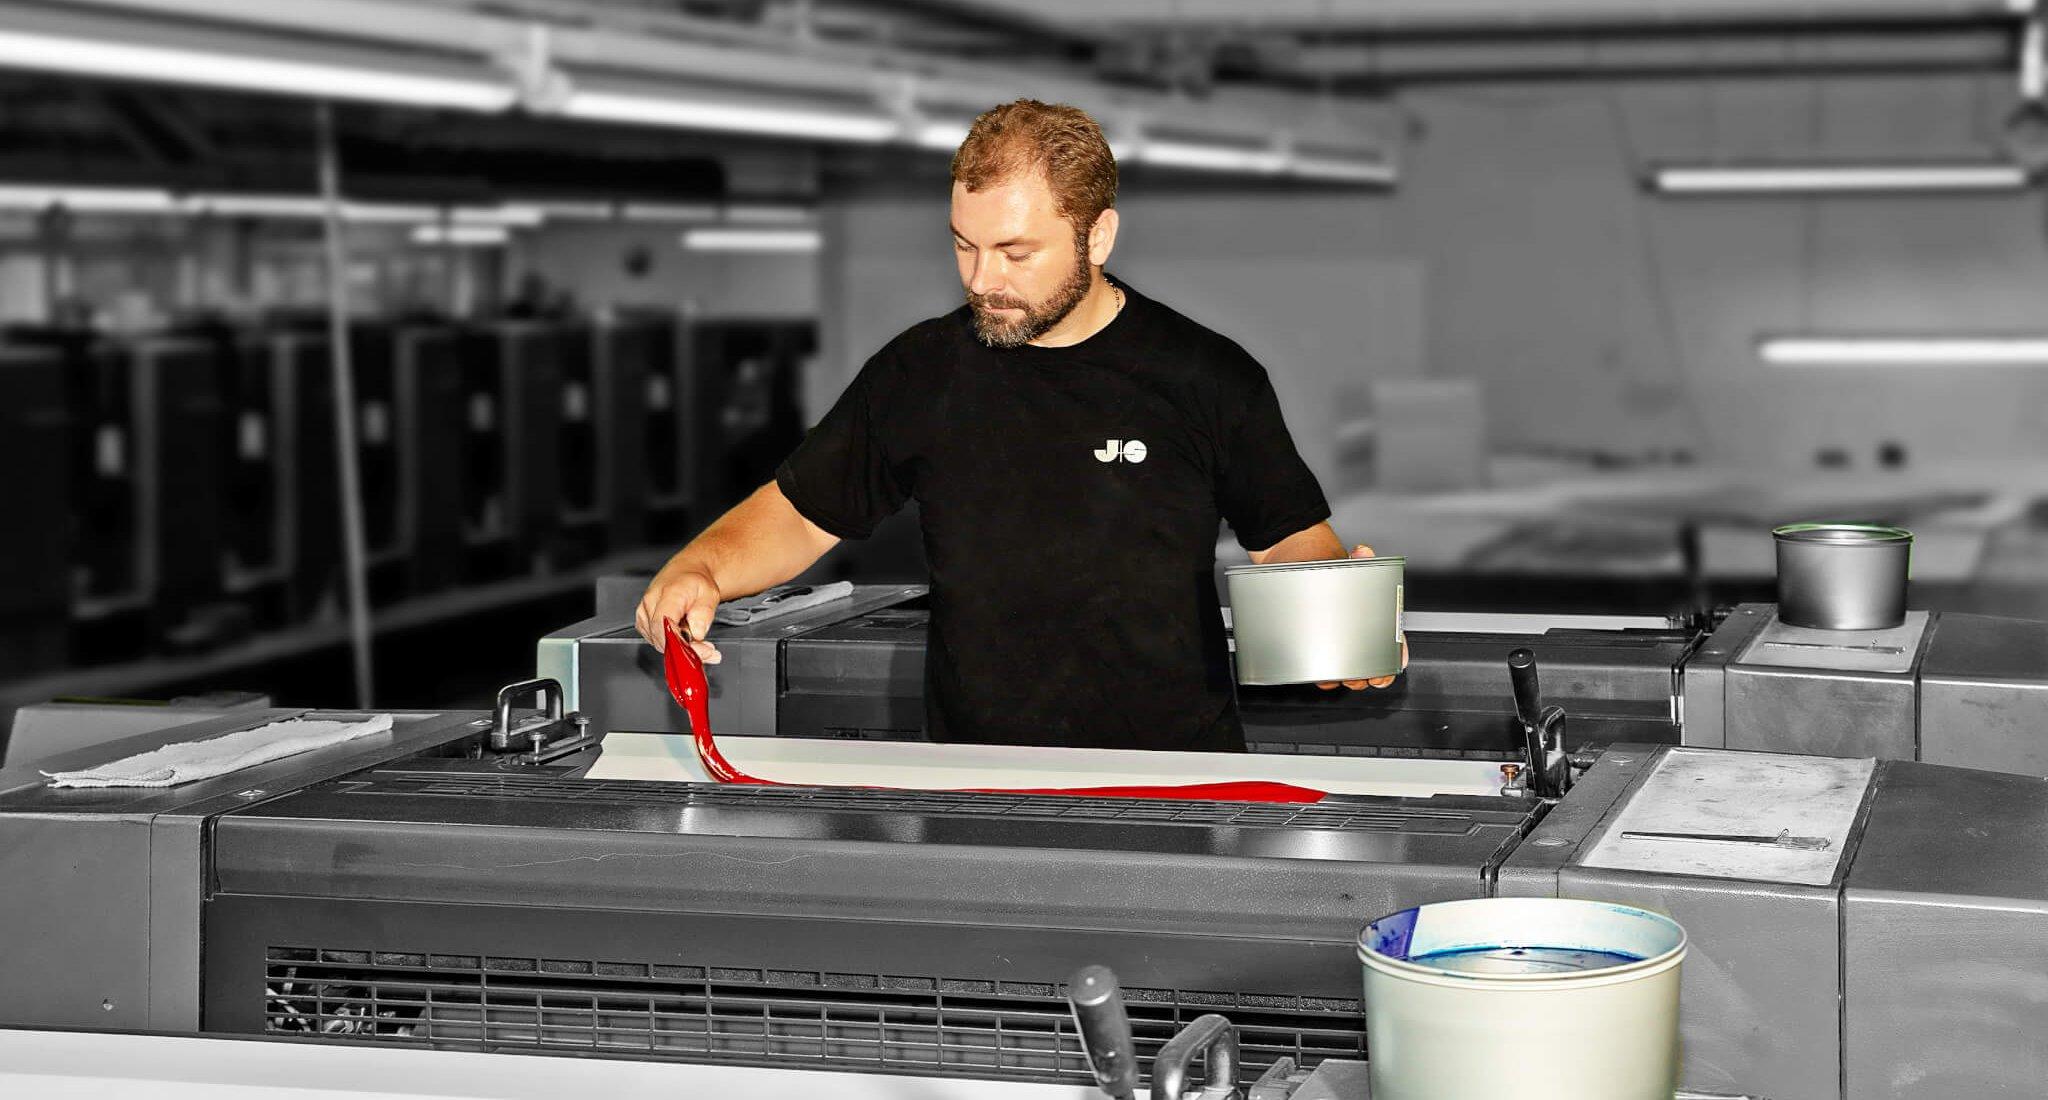 Unsere 5-Farben Offset Heidelberger Druckmaschine - Ihre Druckerei in Lübeck